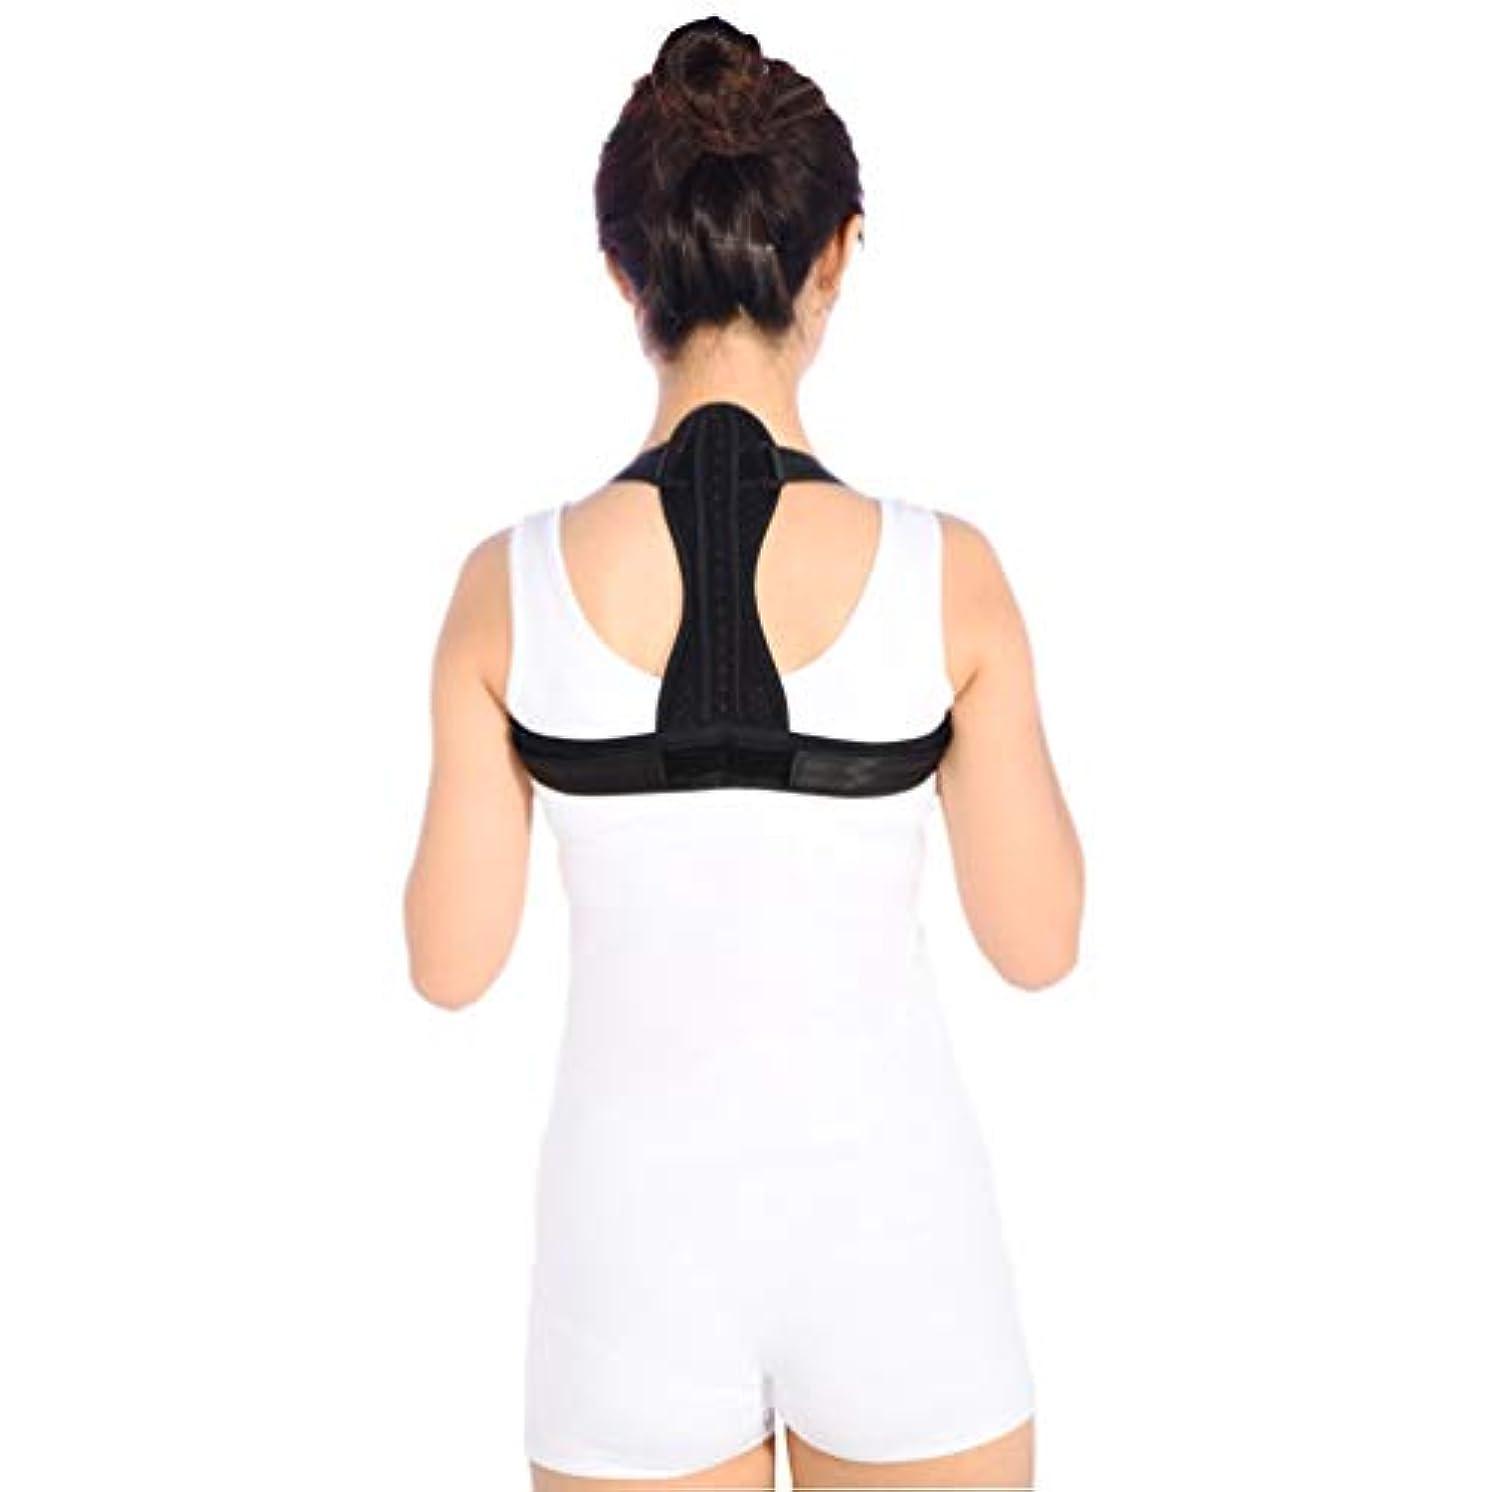 クラブ蒸留する凍結通気性の脊柱側弯症ザトウクジラ補正ベルト調節可能な快適さ目に見えないベルト男性女性大人学生子供 - 黒